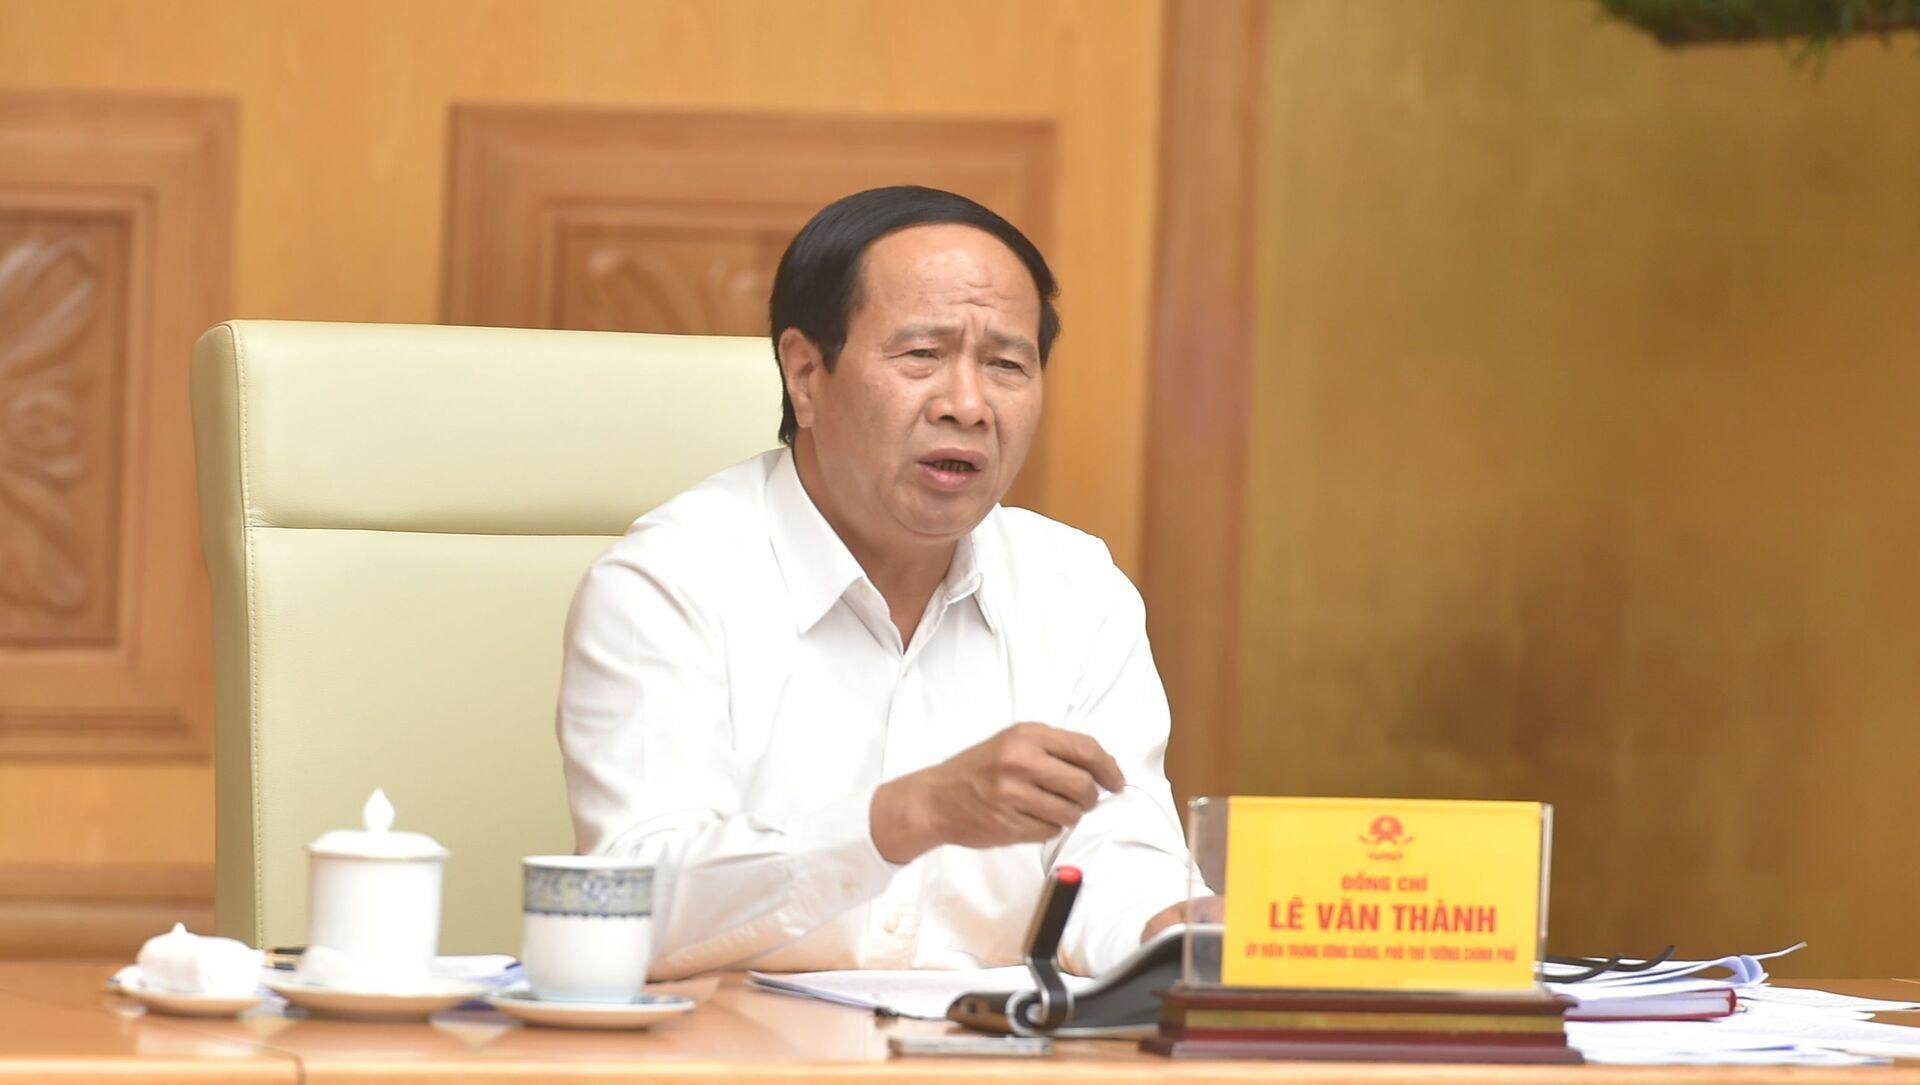 Phó Thủ tướng Lê Văn Thành chủ trì hội nghị - Sputnik Việt Nam, 1920, 19.09.2021